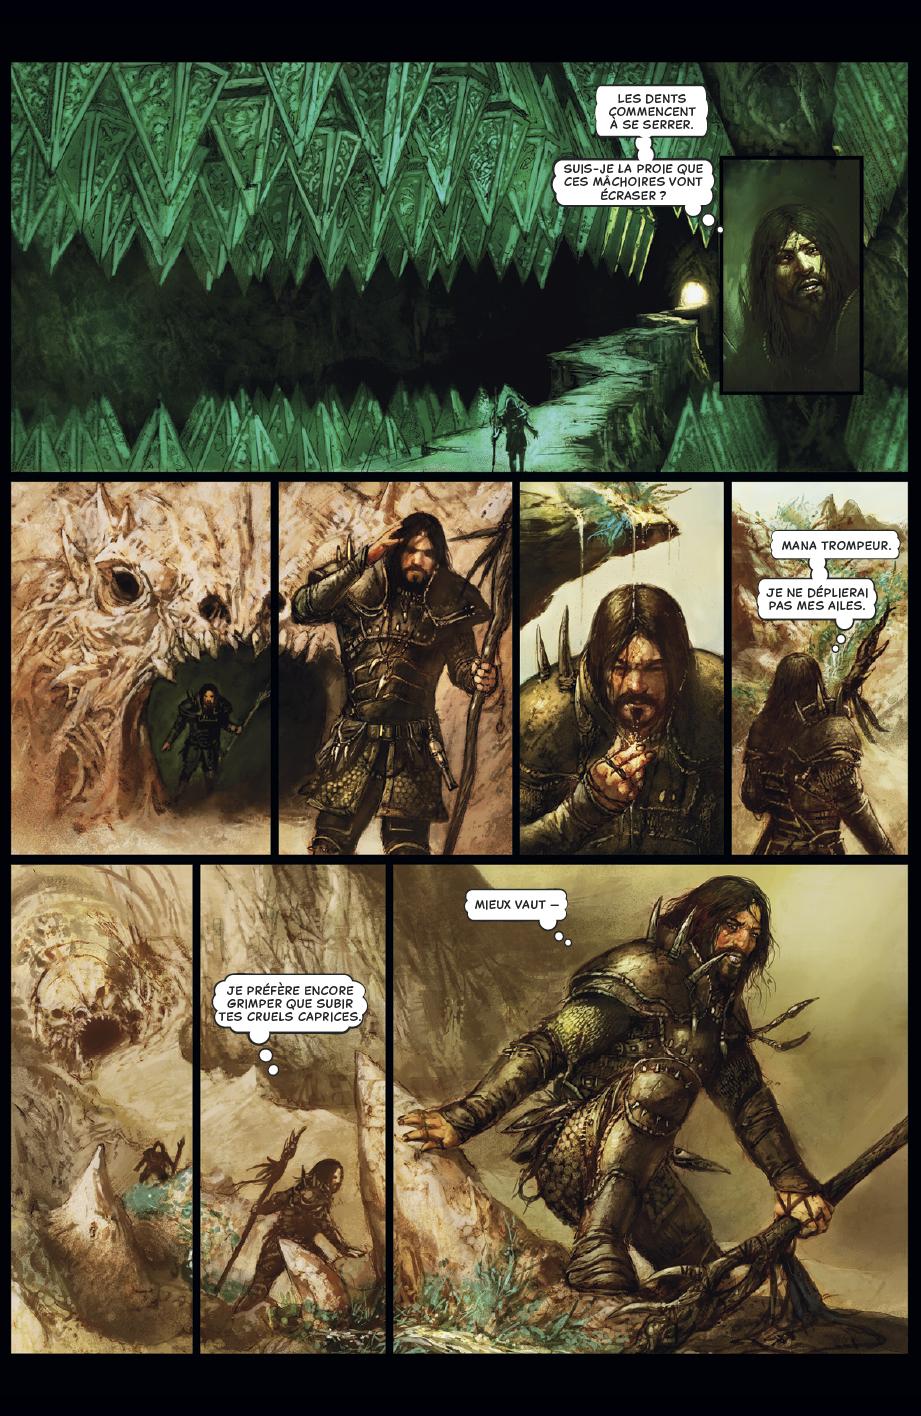 Enter the Eldrazi, Part 2: Page 3